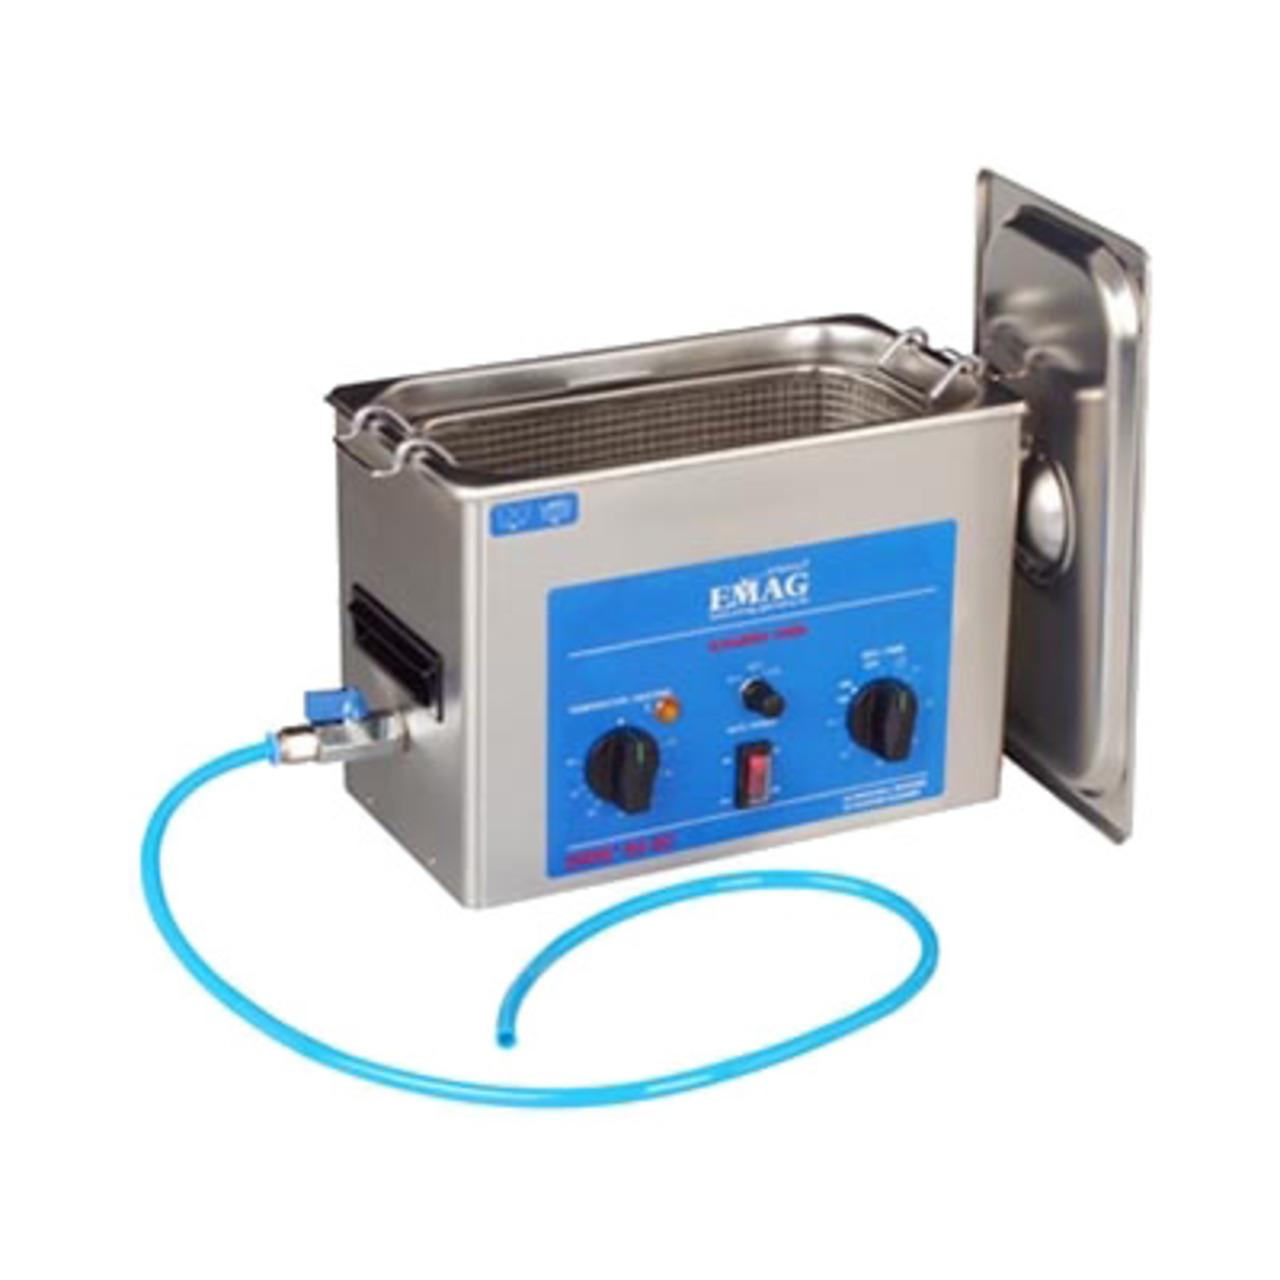 EMAG Ultraschallreiniger Emmi-40 HC- 4-0 L- mit EM-080 Universalreiniger